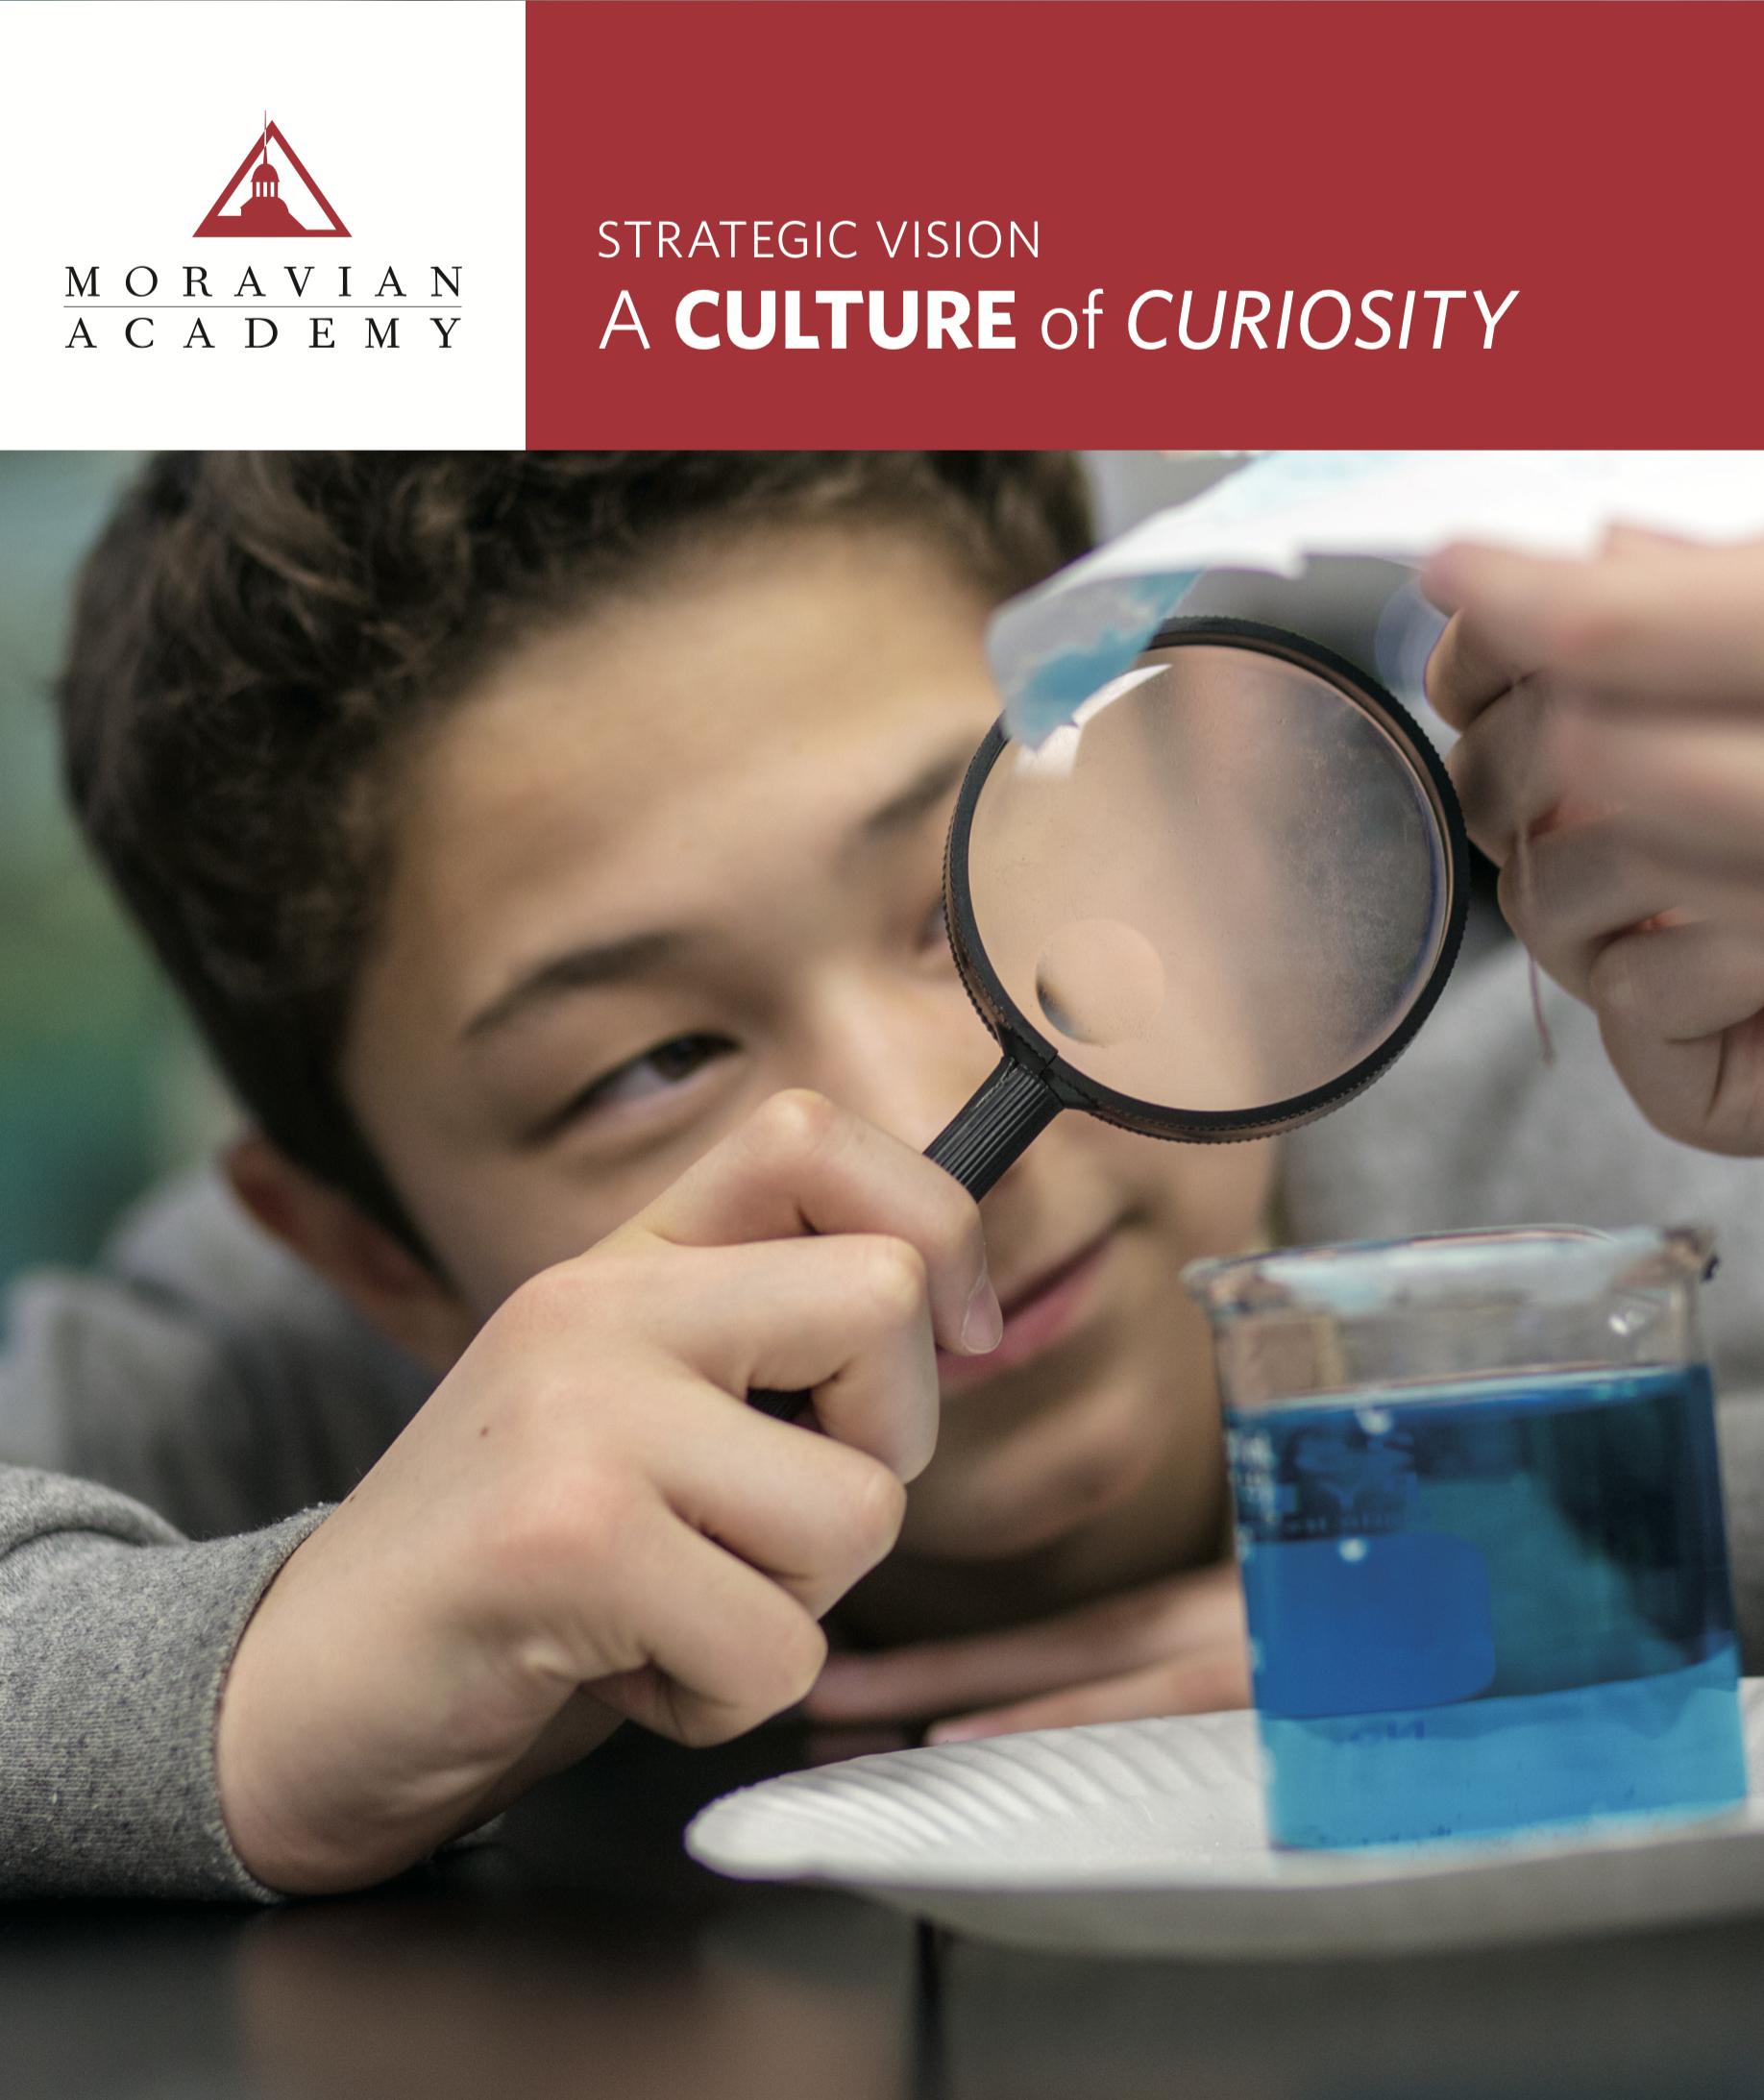 A Culture of Curiosity